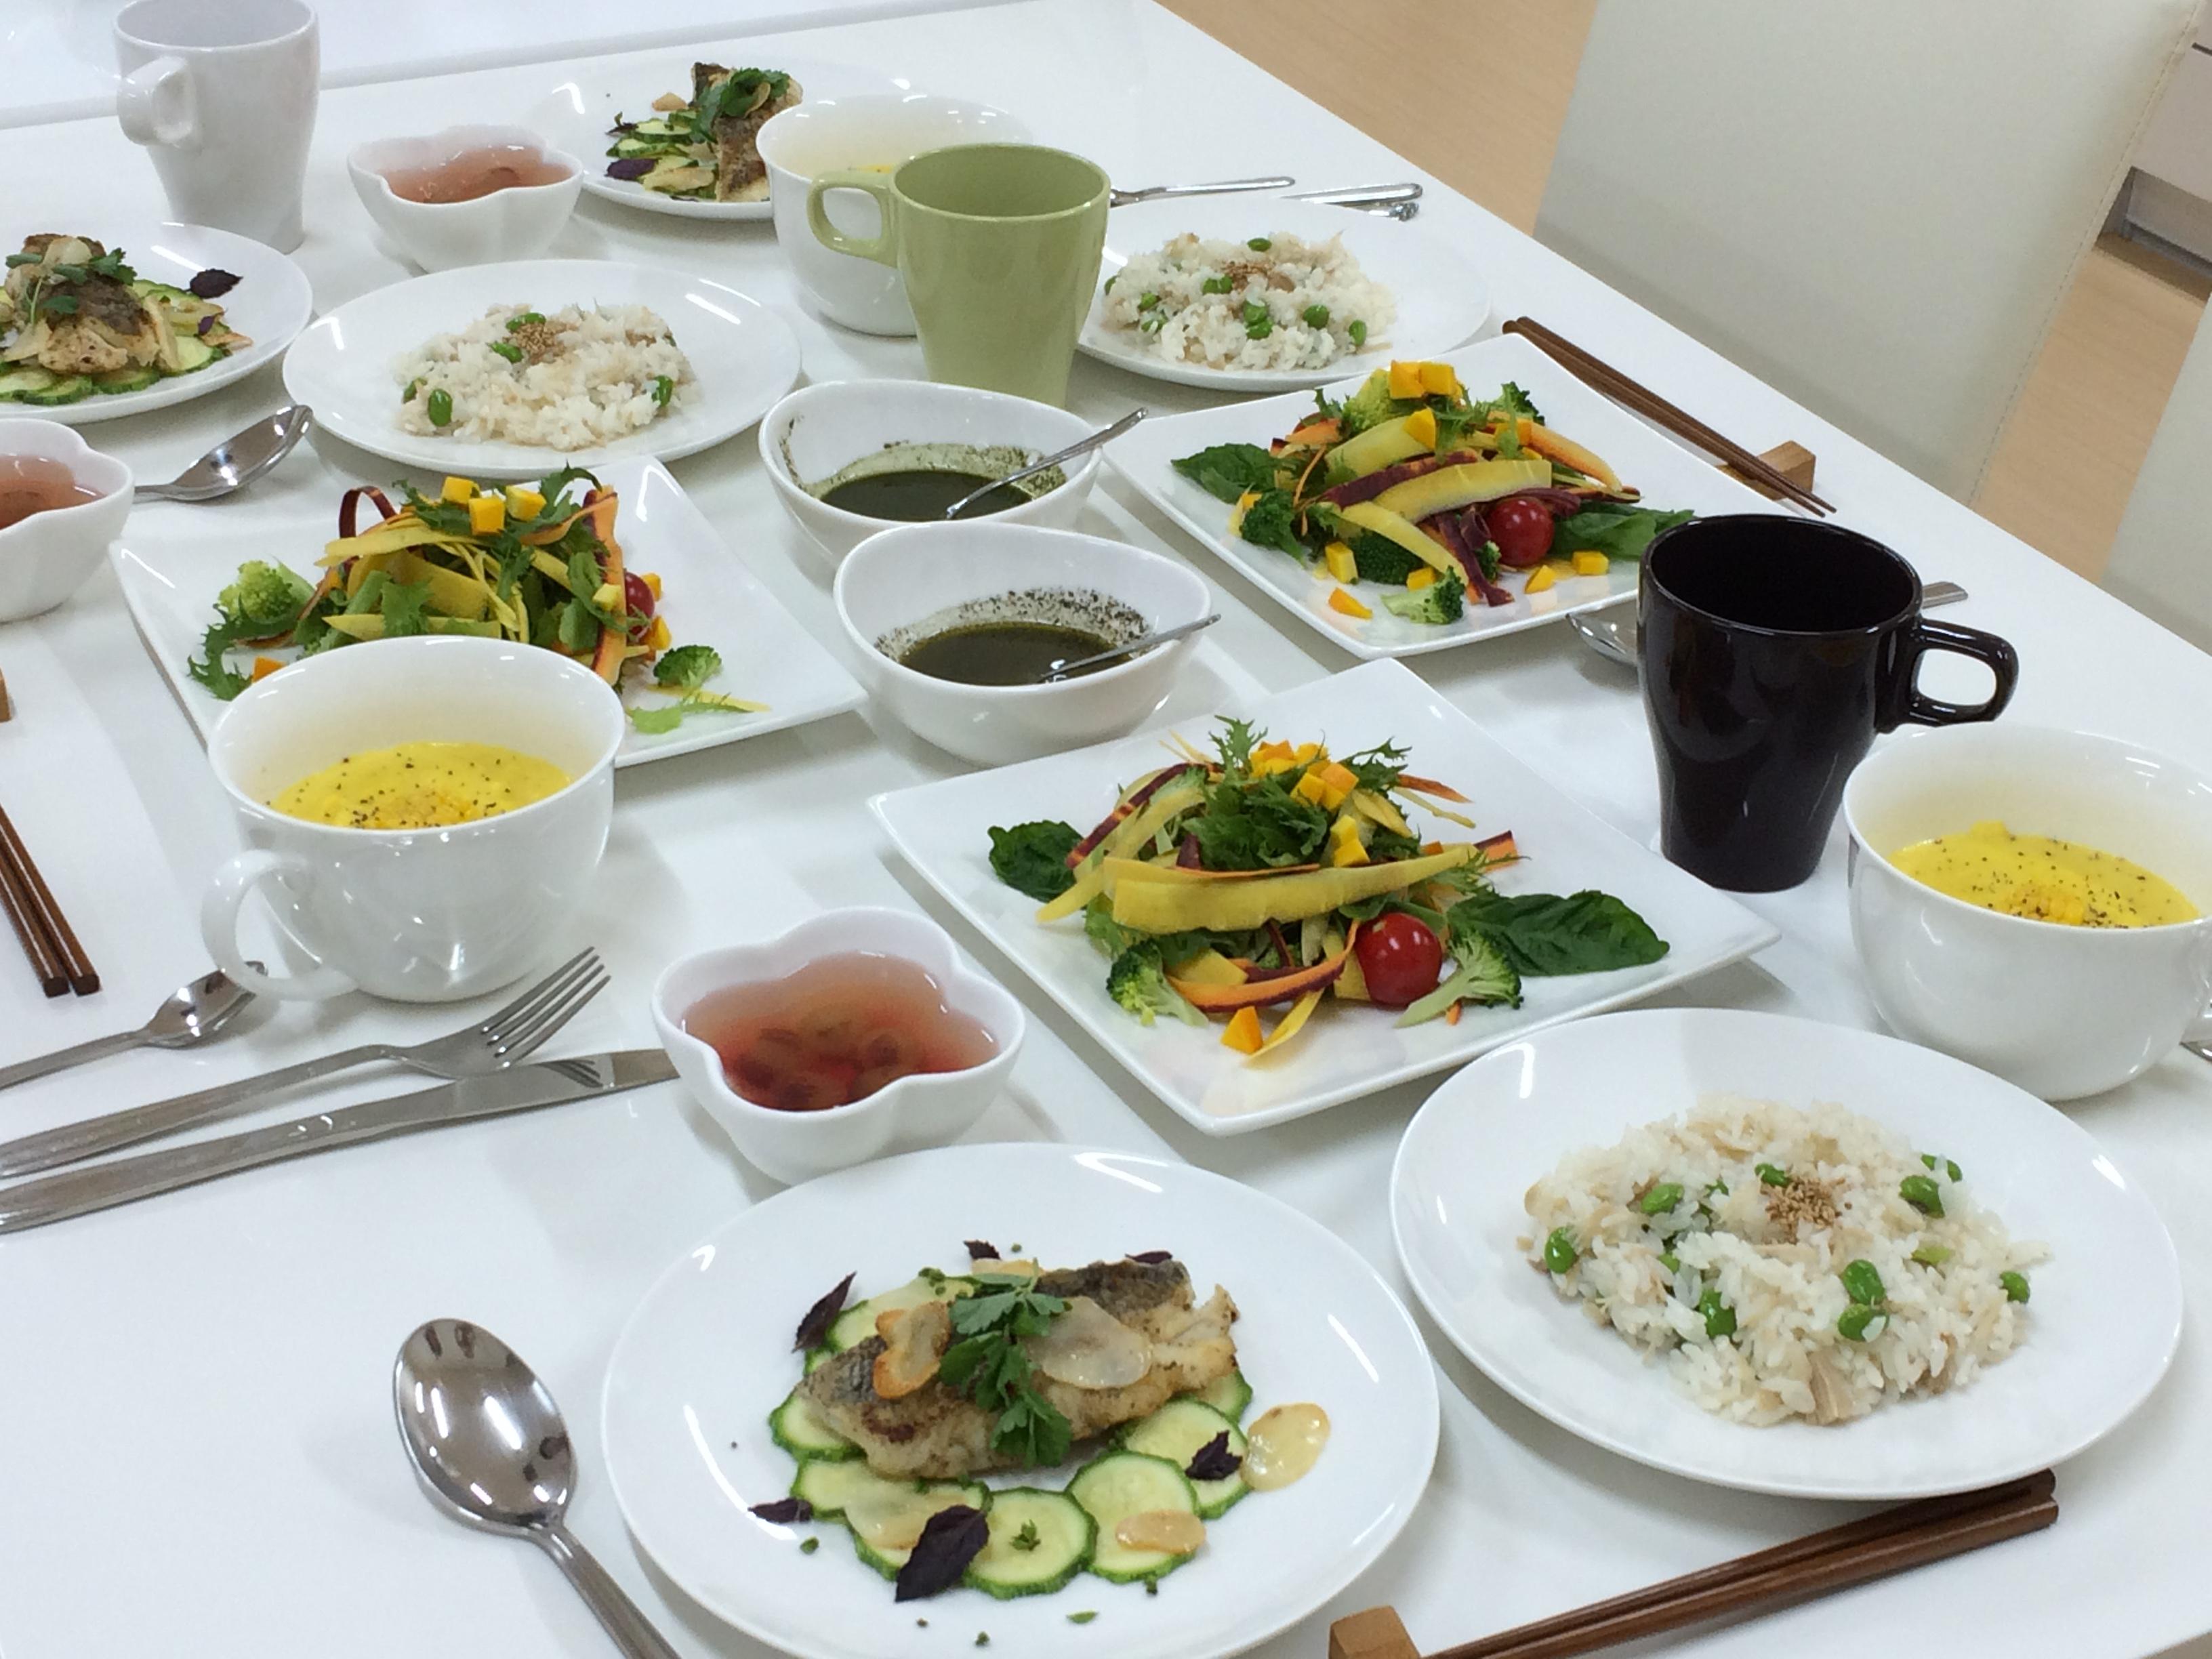 ハーブ・野菜・果物を楽しむ講座 2015年9月